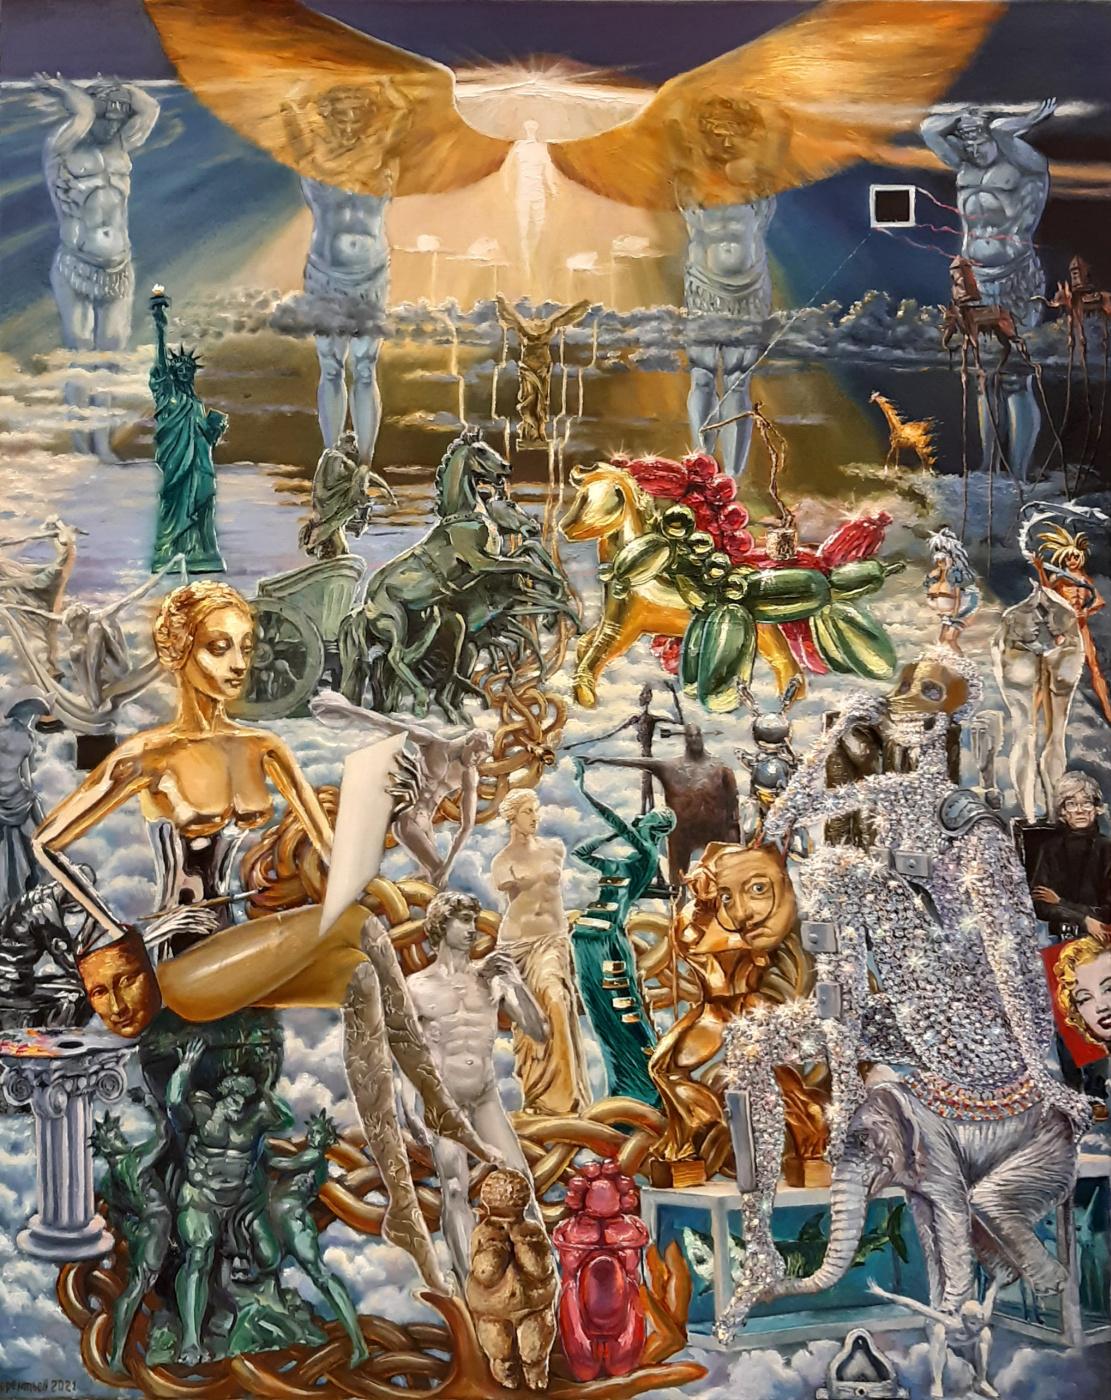 Evgeny Vladimirovich Terentyev. Art icon